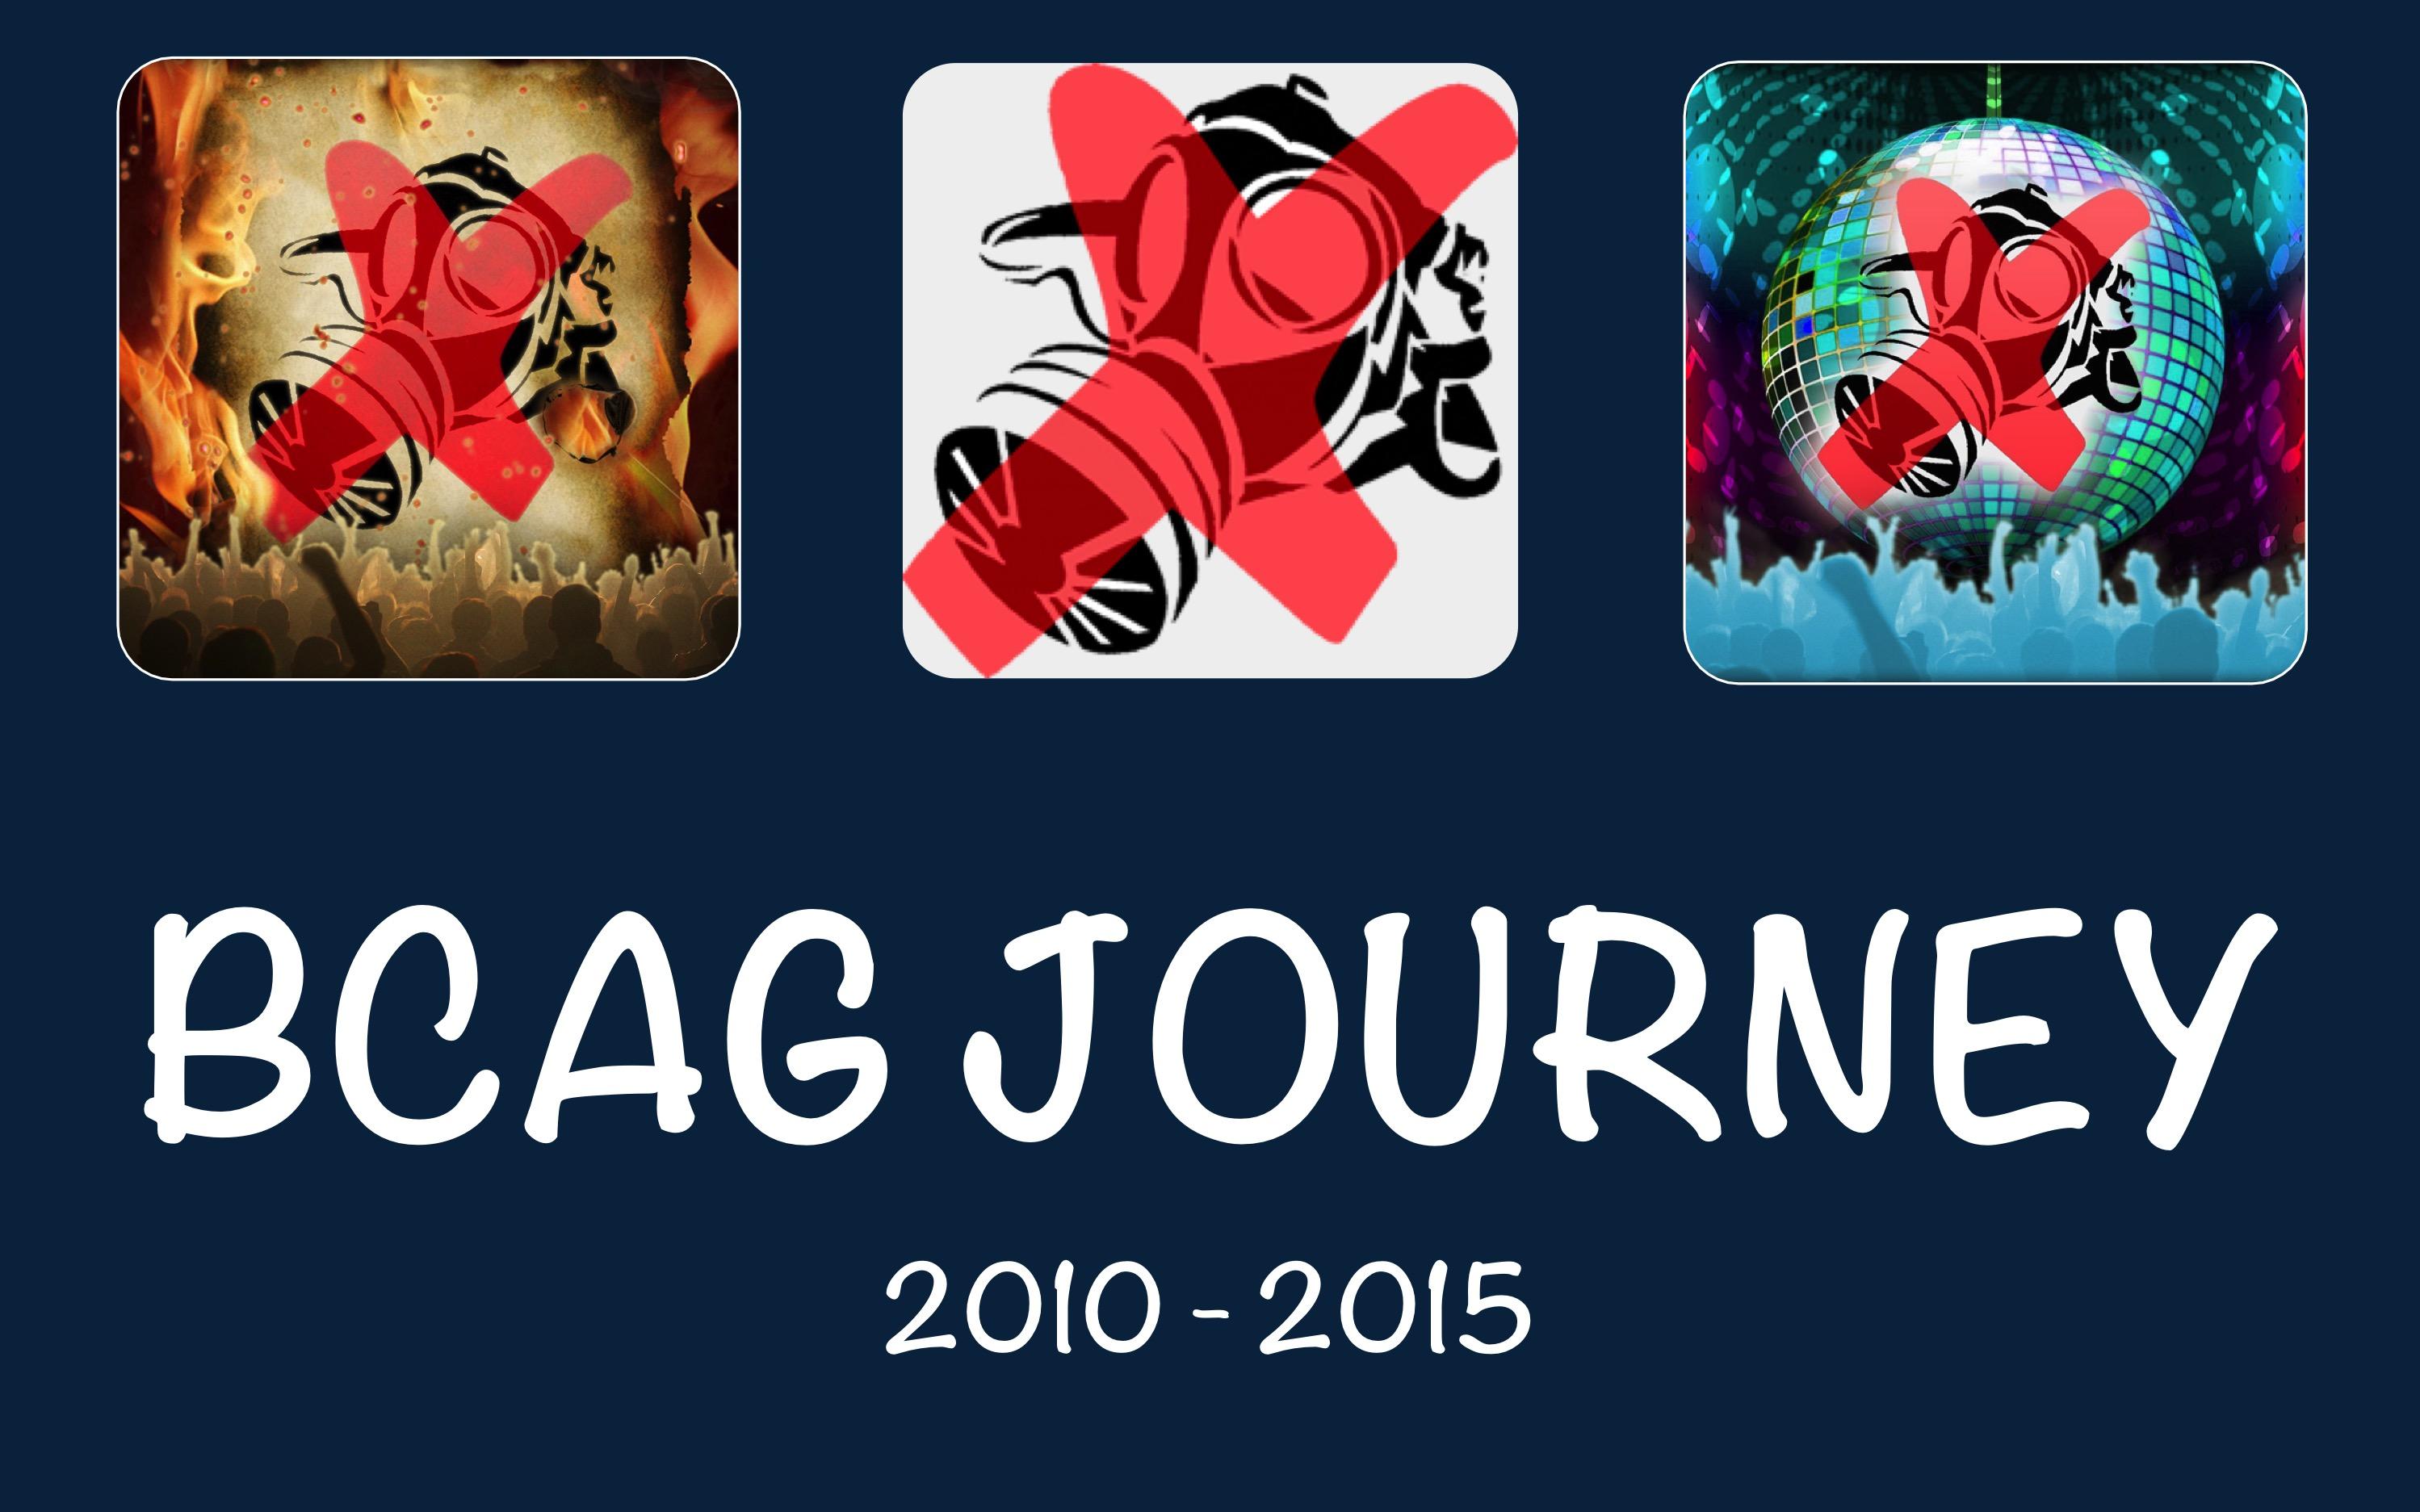 BCAGJourney1